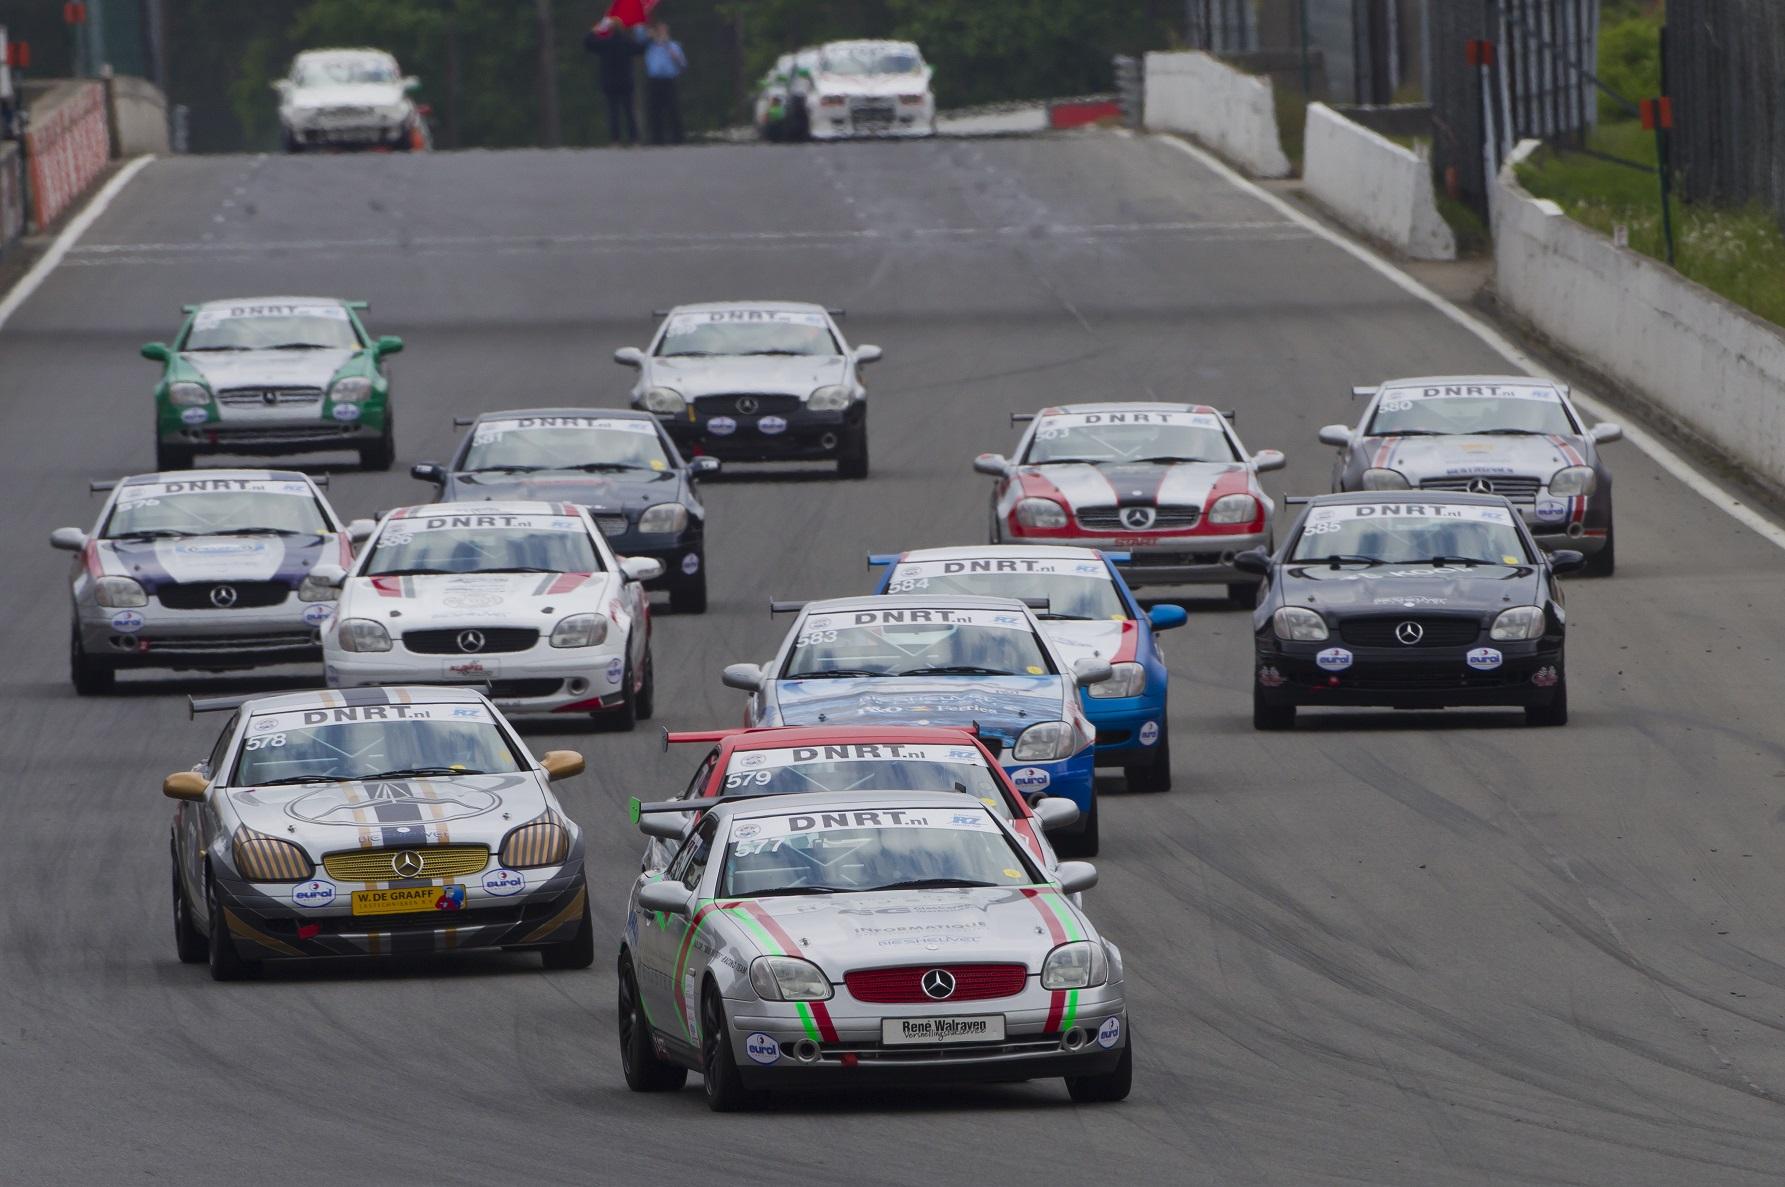 Nieuwe klasse biedt ook in zolder spannende races for Mercedes benz cup